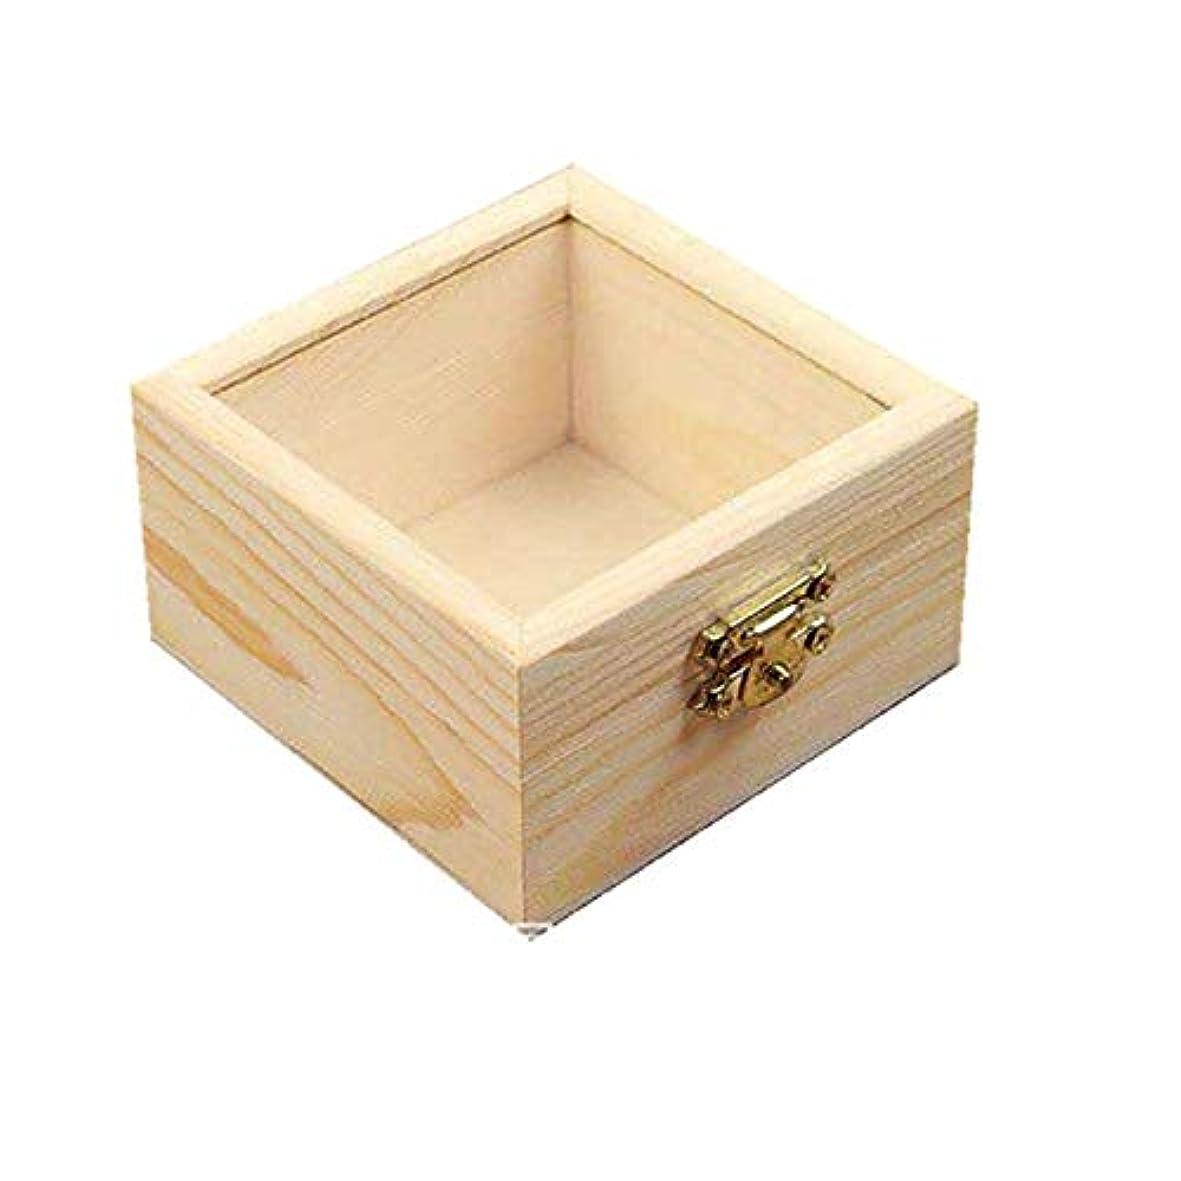 ブルーベル恩赦見かけ上プレゼンテーション用木製エッセンシャルオイルボックスパーフェクトエッセンシャルオイルケース アロマセラピー製品 (色 : Natural, サイズ : 8.5X8.5X5CM)